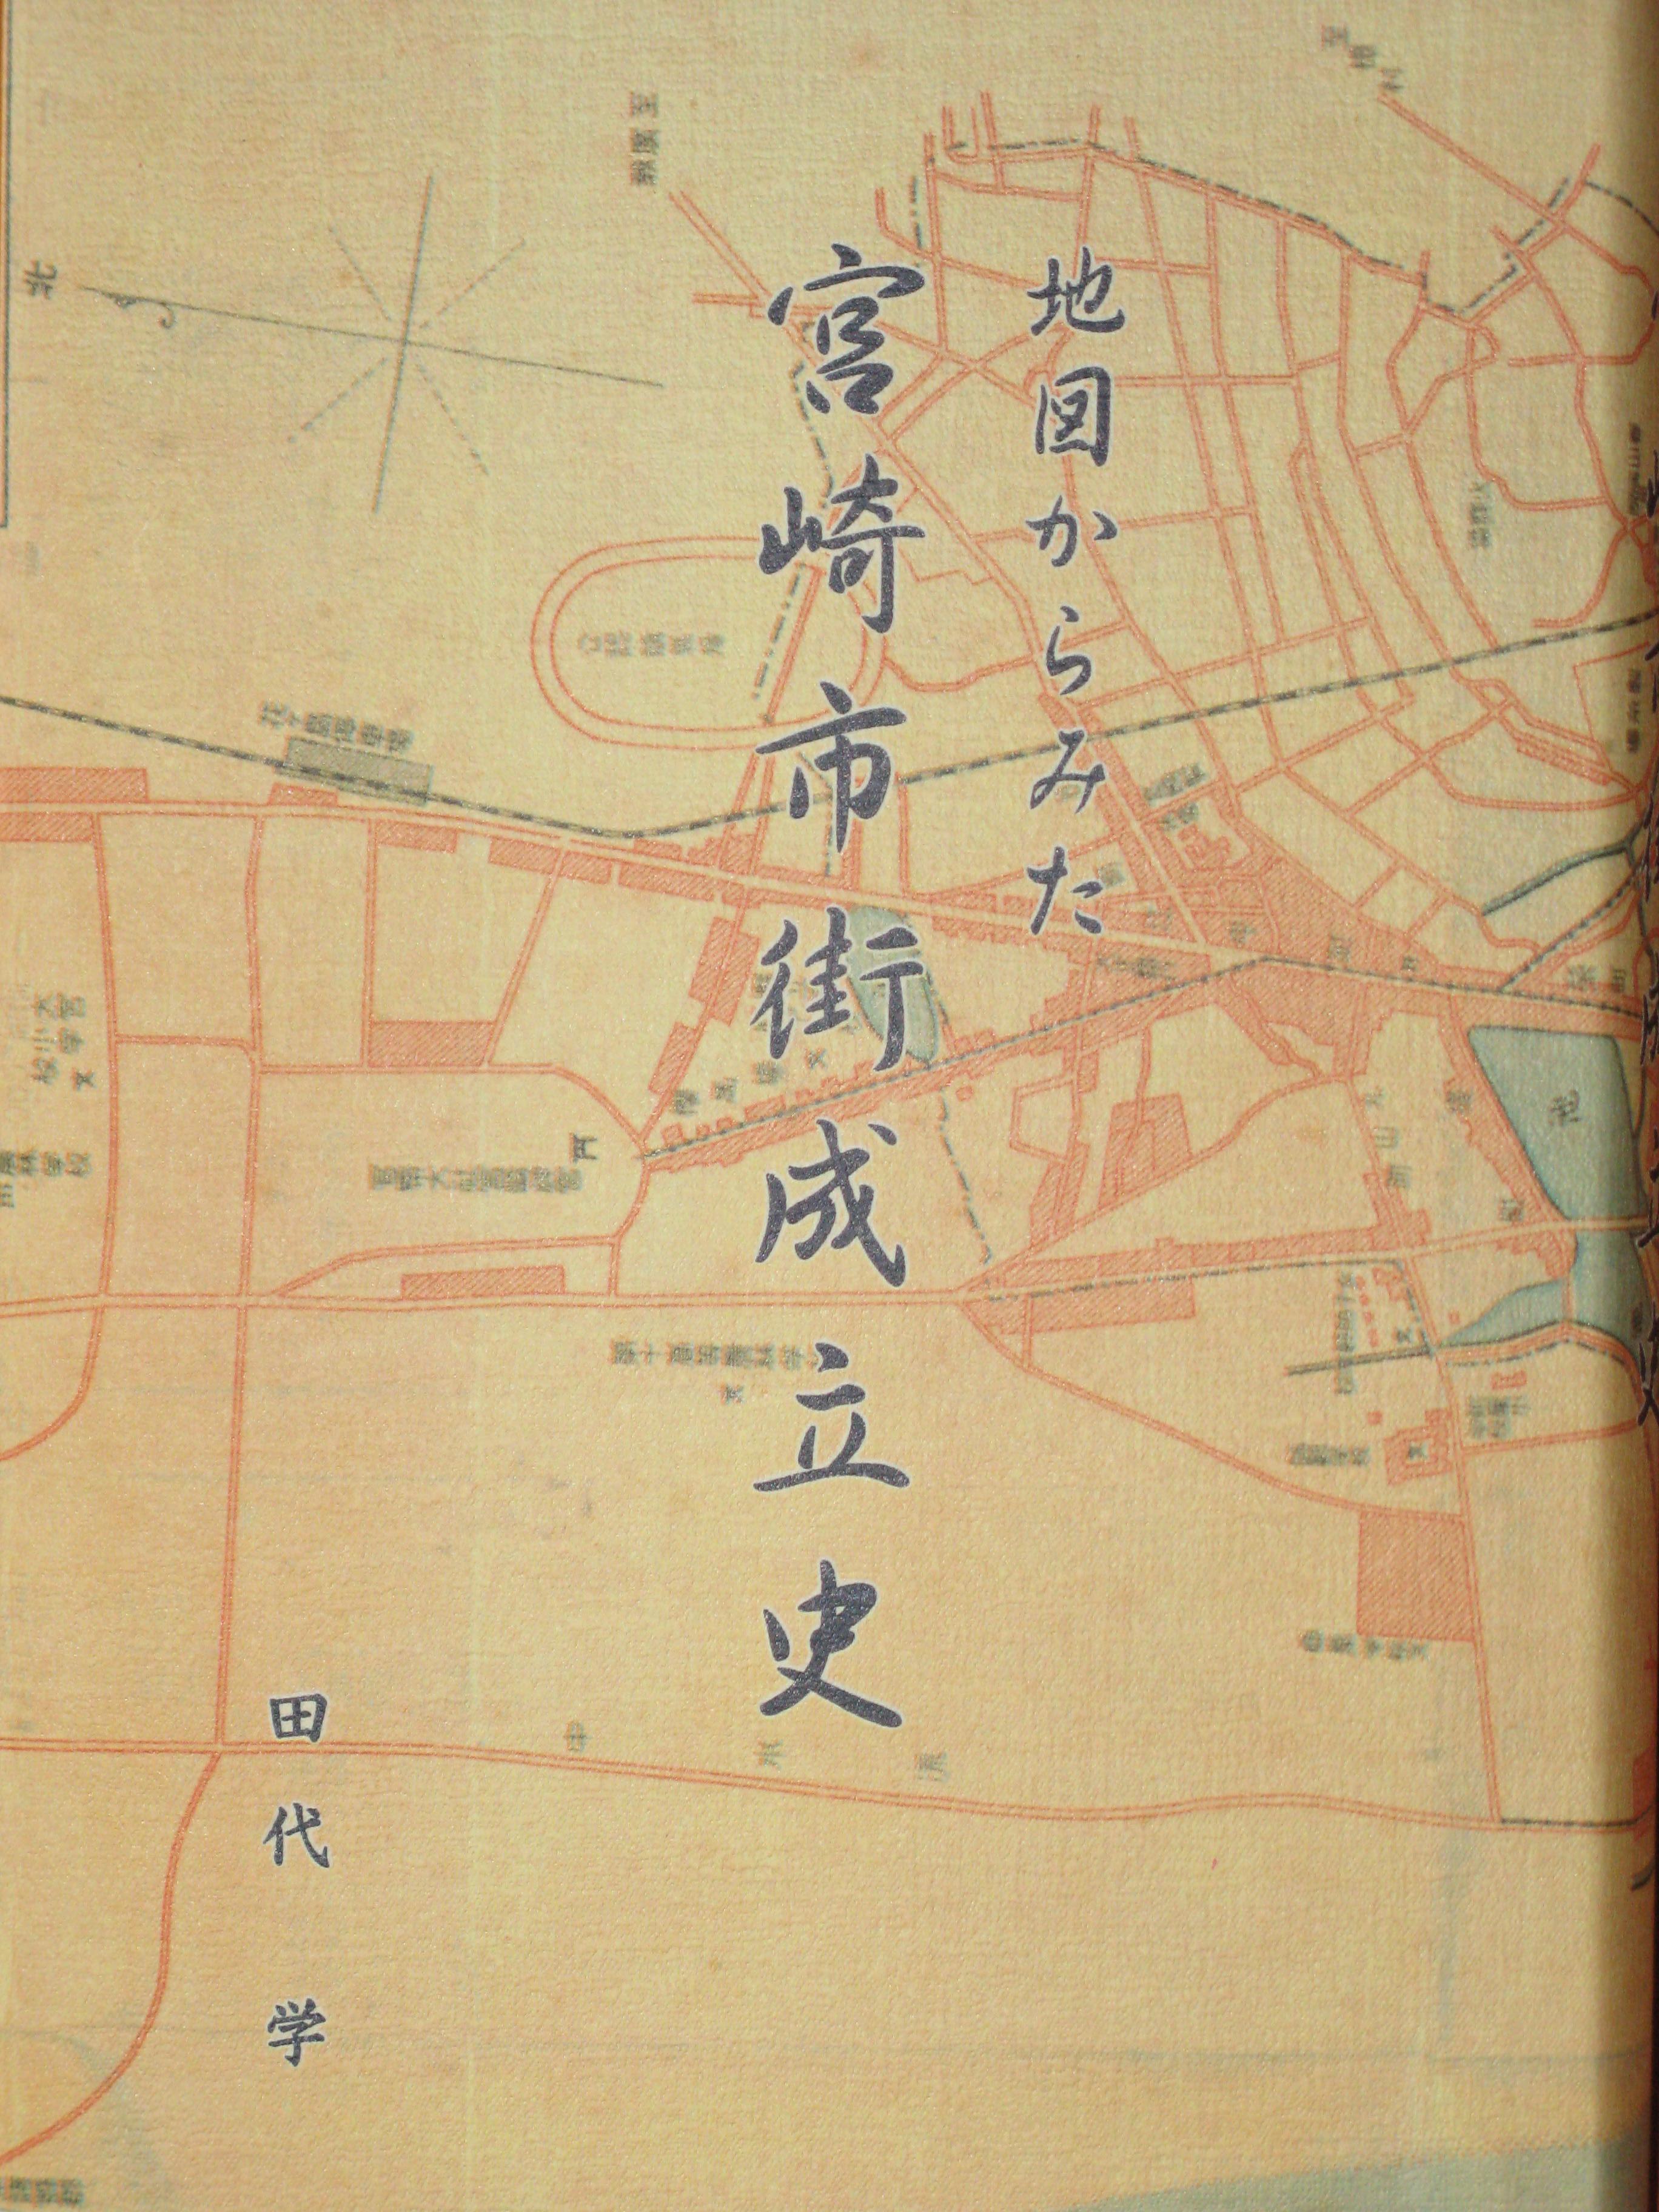 地図からみた 宮崎市街成立史